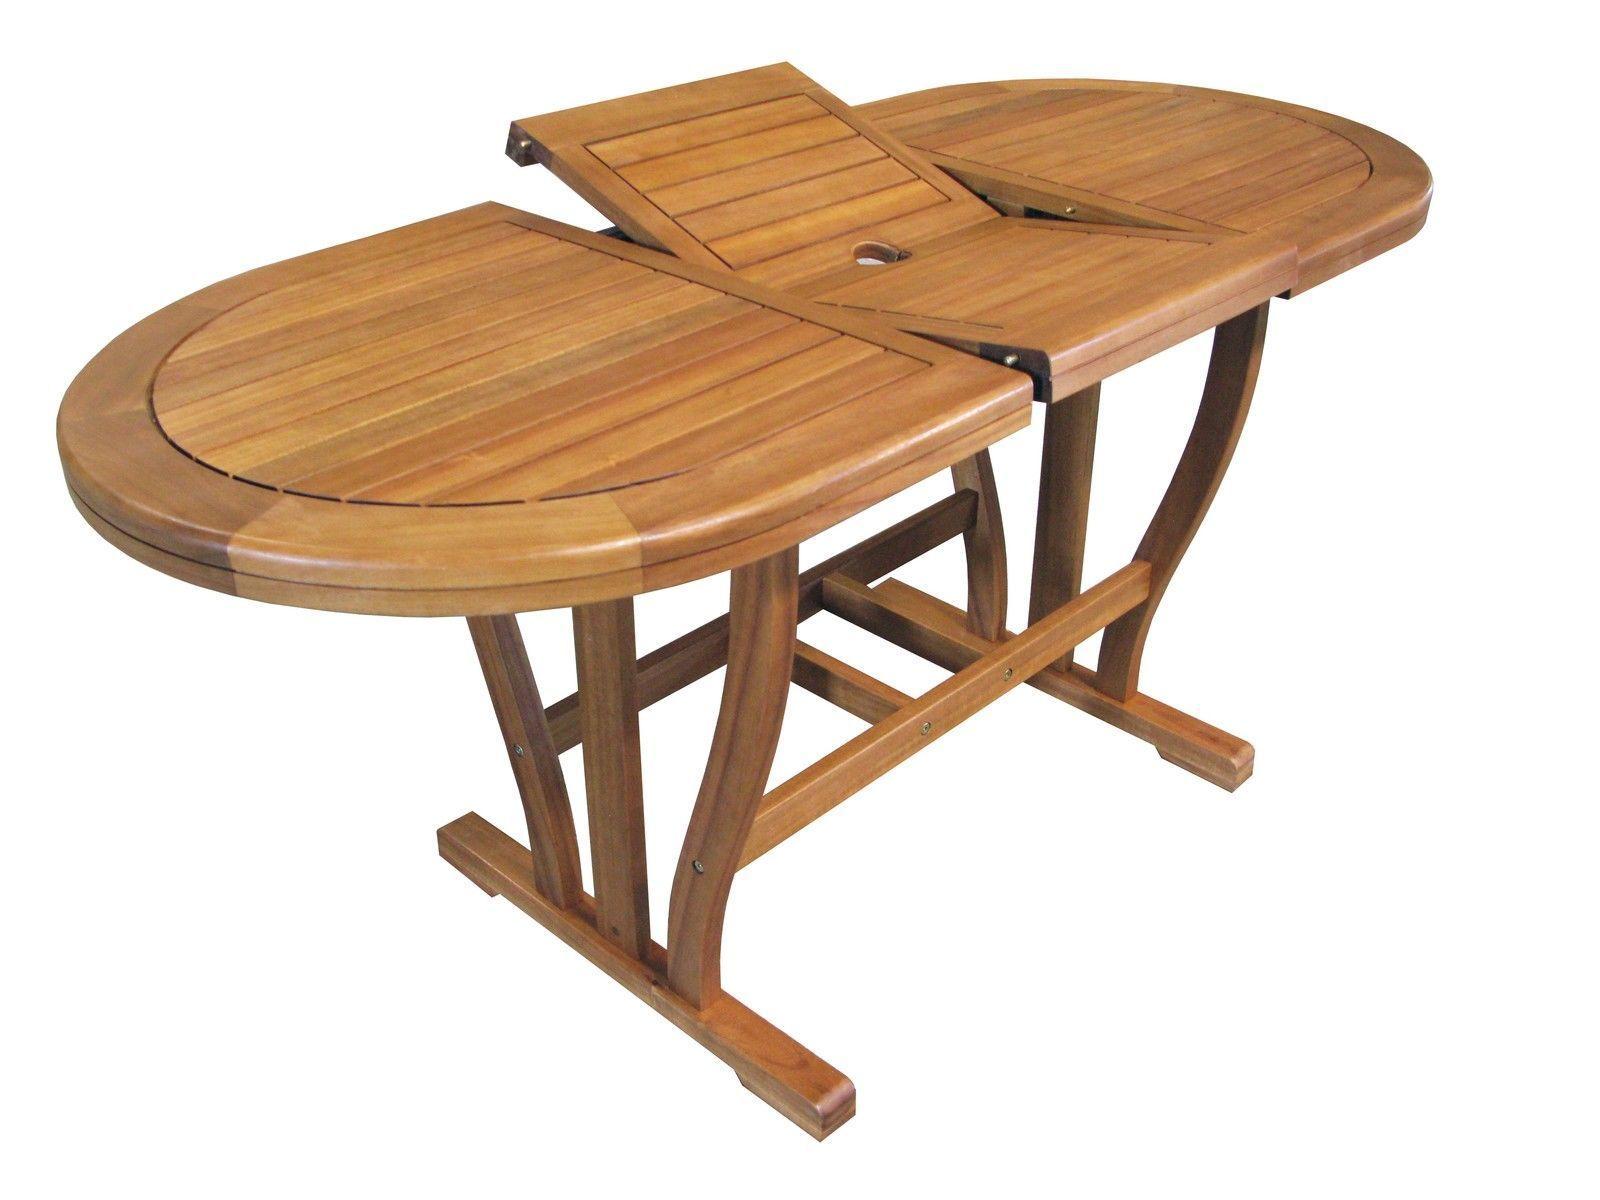 Tavolo ovale apribile esterno giardino in legno di acacia for Tavolo apribile